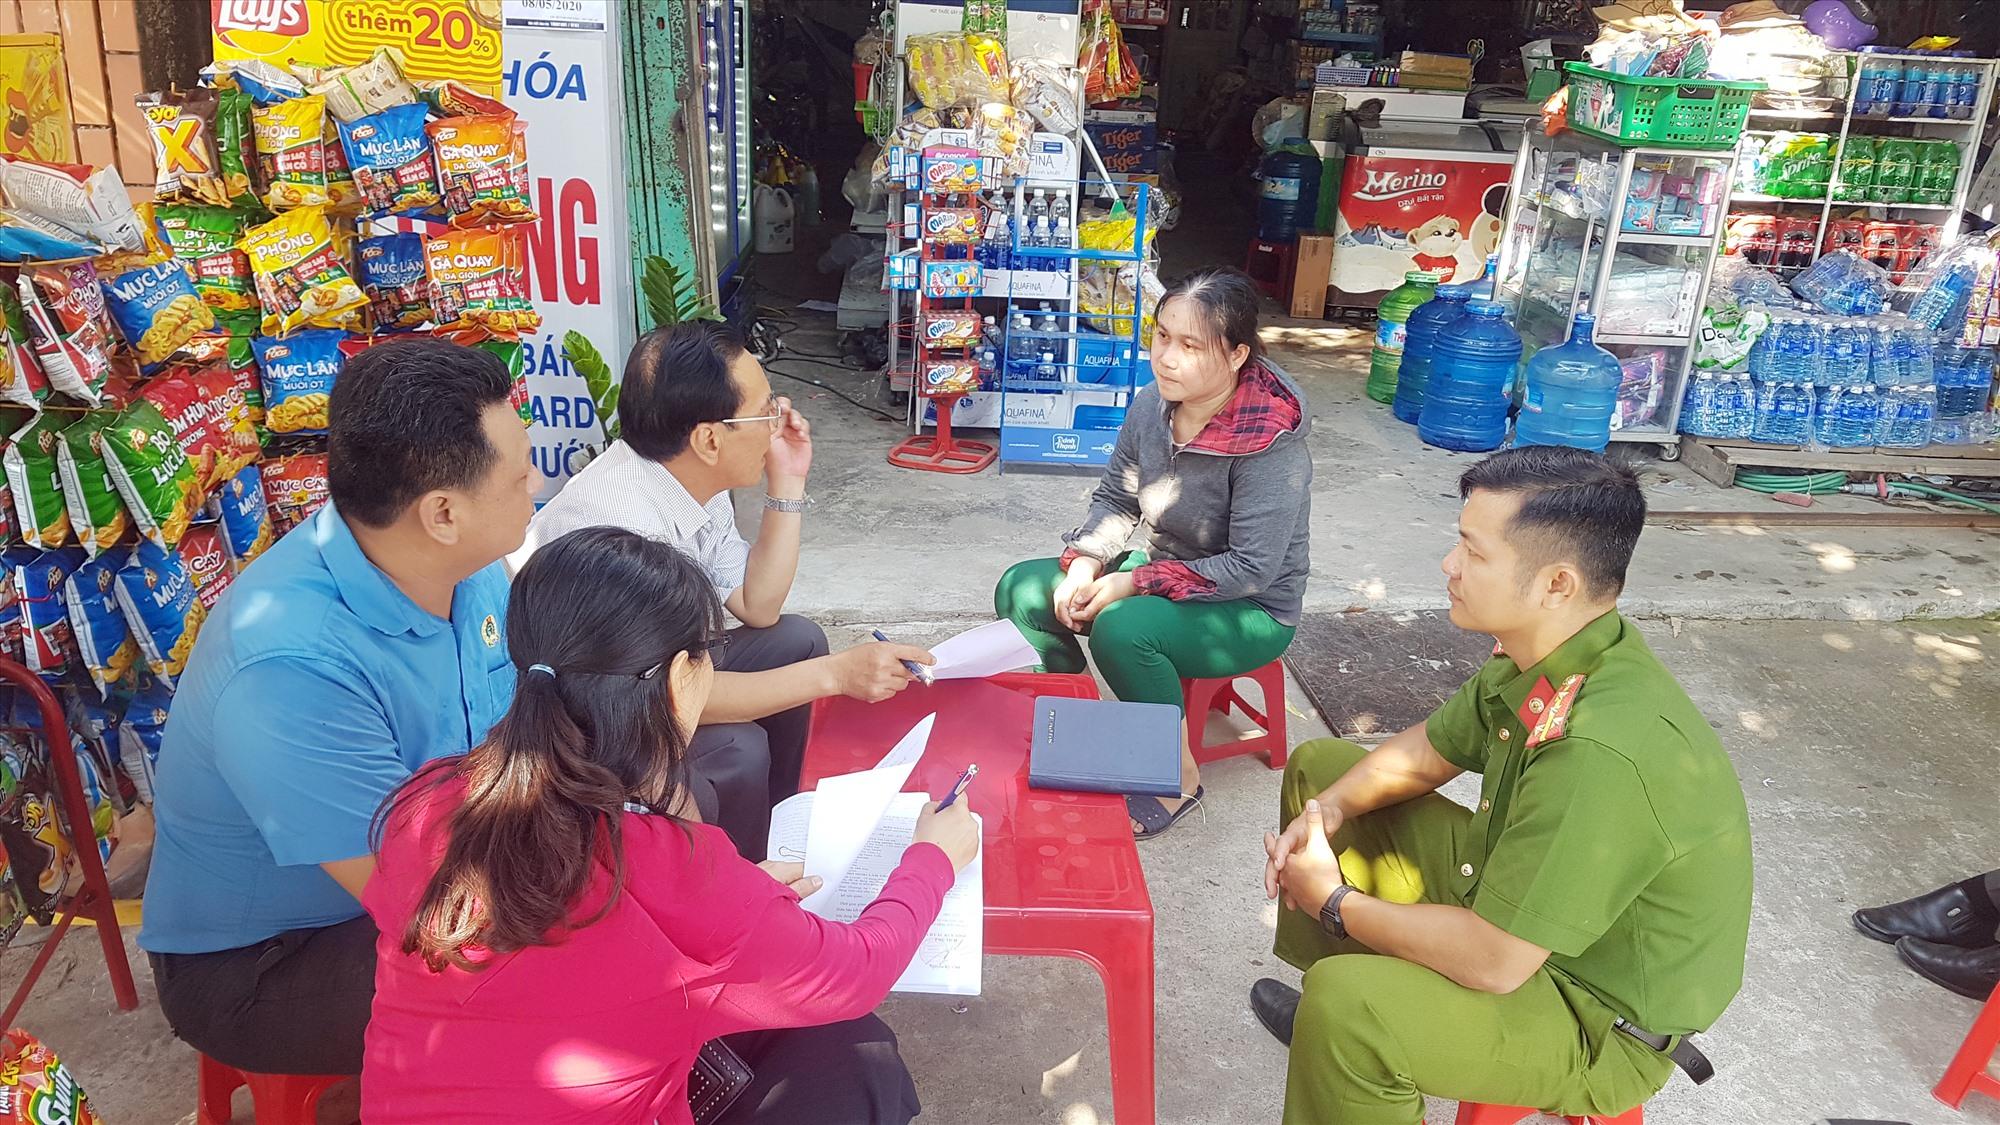 Nhiều chủ nhà trọ trên địa bàn xã Tam Thăng (TP.Tam Kỳ) đồng ý giảm giá phòng cho thuê trọ từ 20 - 50% để hỗ trợ công nhân lao động. Ảnh: D.L